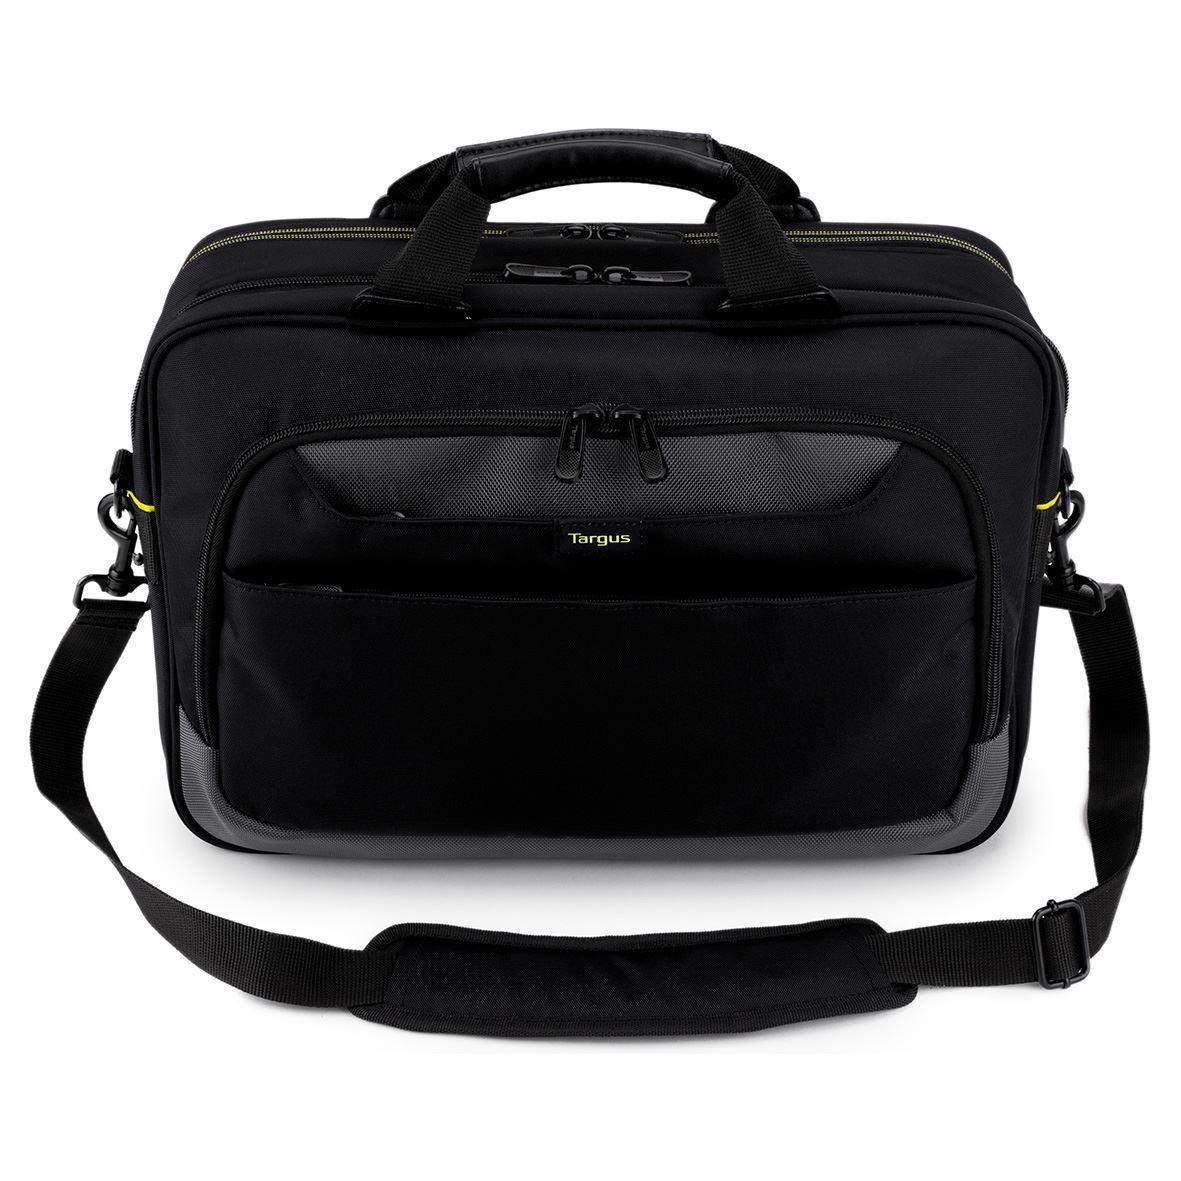 sacoche pour ordinateur portable targus citygear 14 laptop bag noir. Black Bedroom Furniture Sets. Home Design Ideas